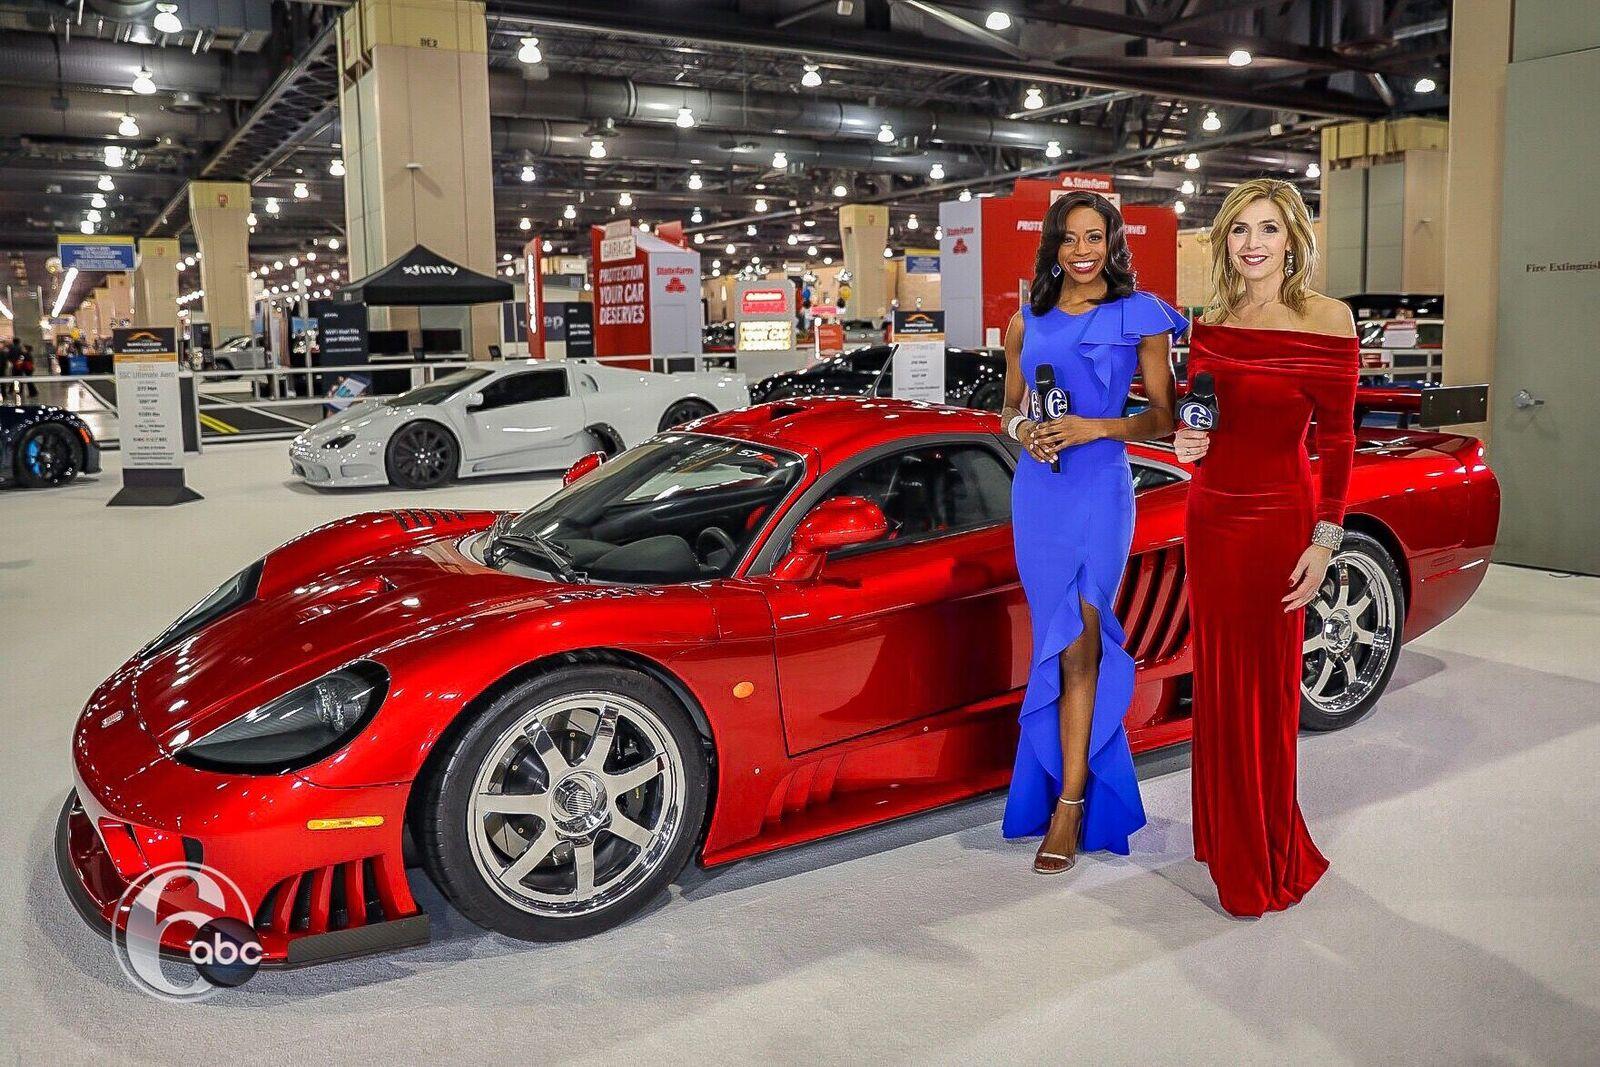 PHOTOS Philadelphia Auto Show Black Tie Tailgate Abccom - Philly car show 2018